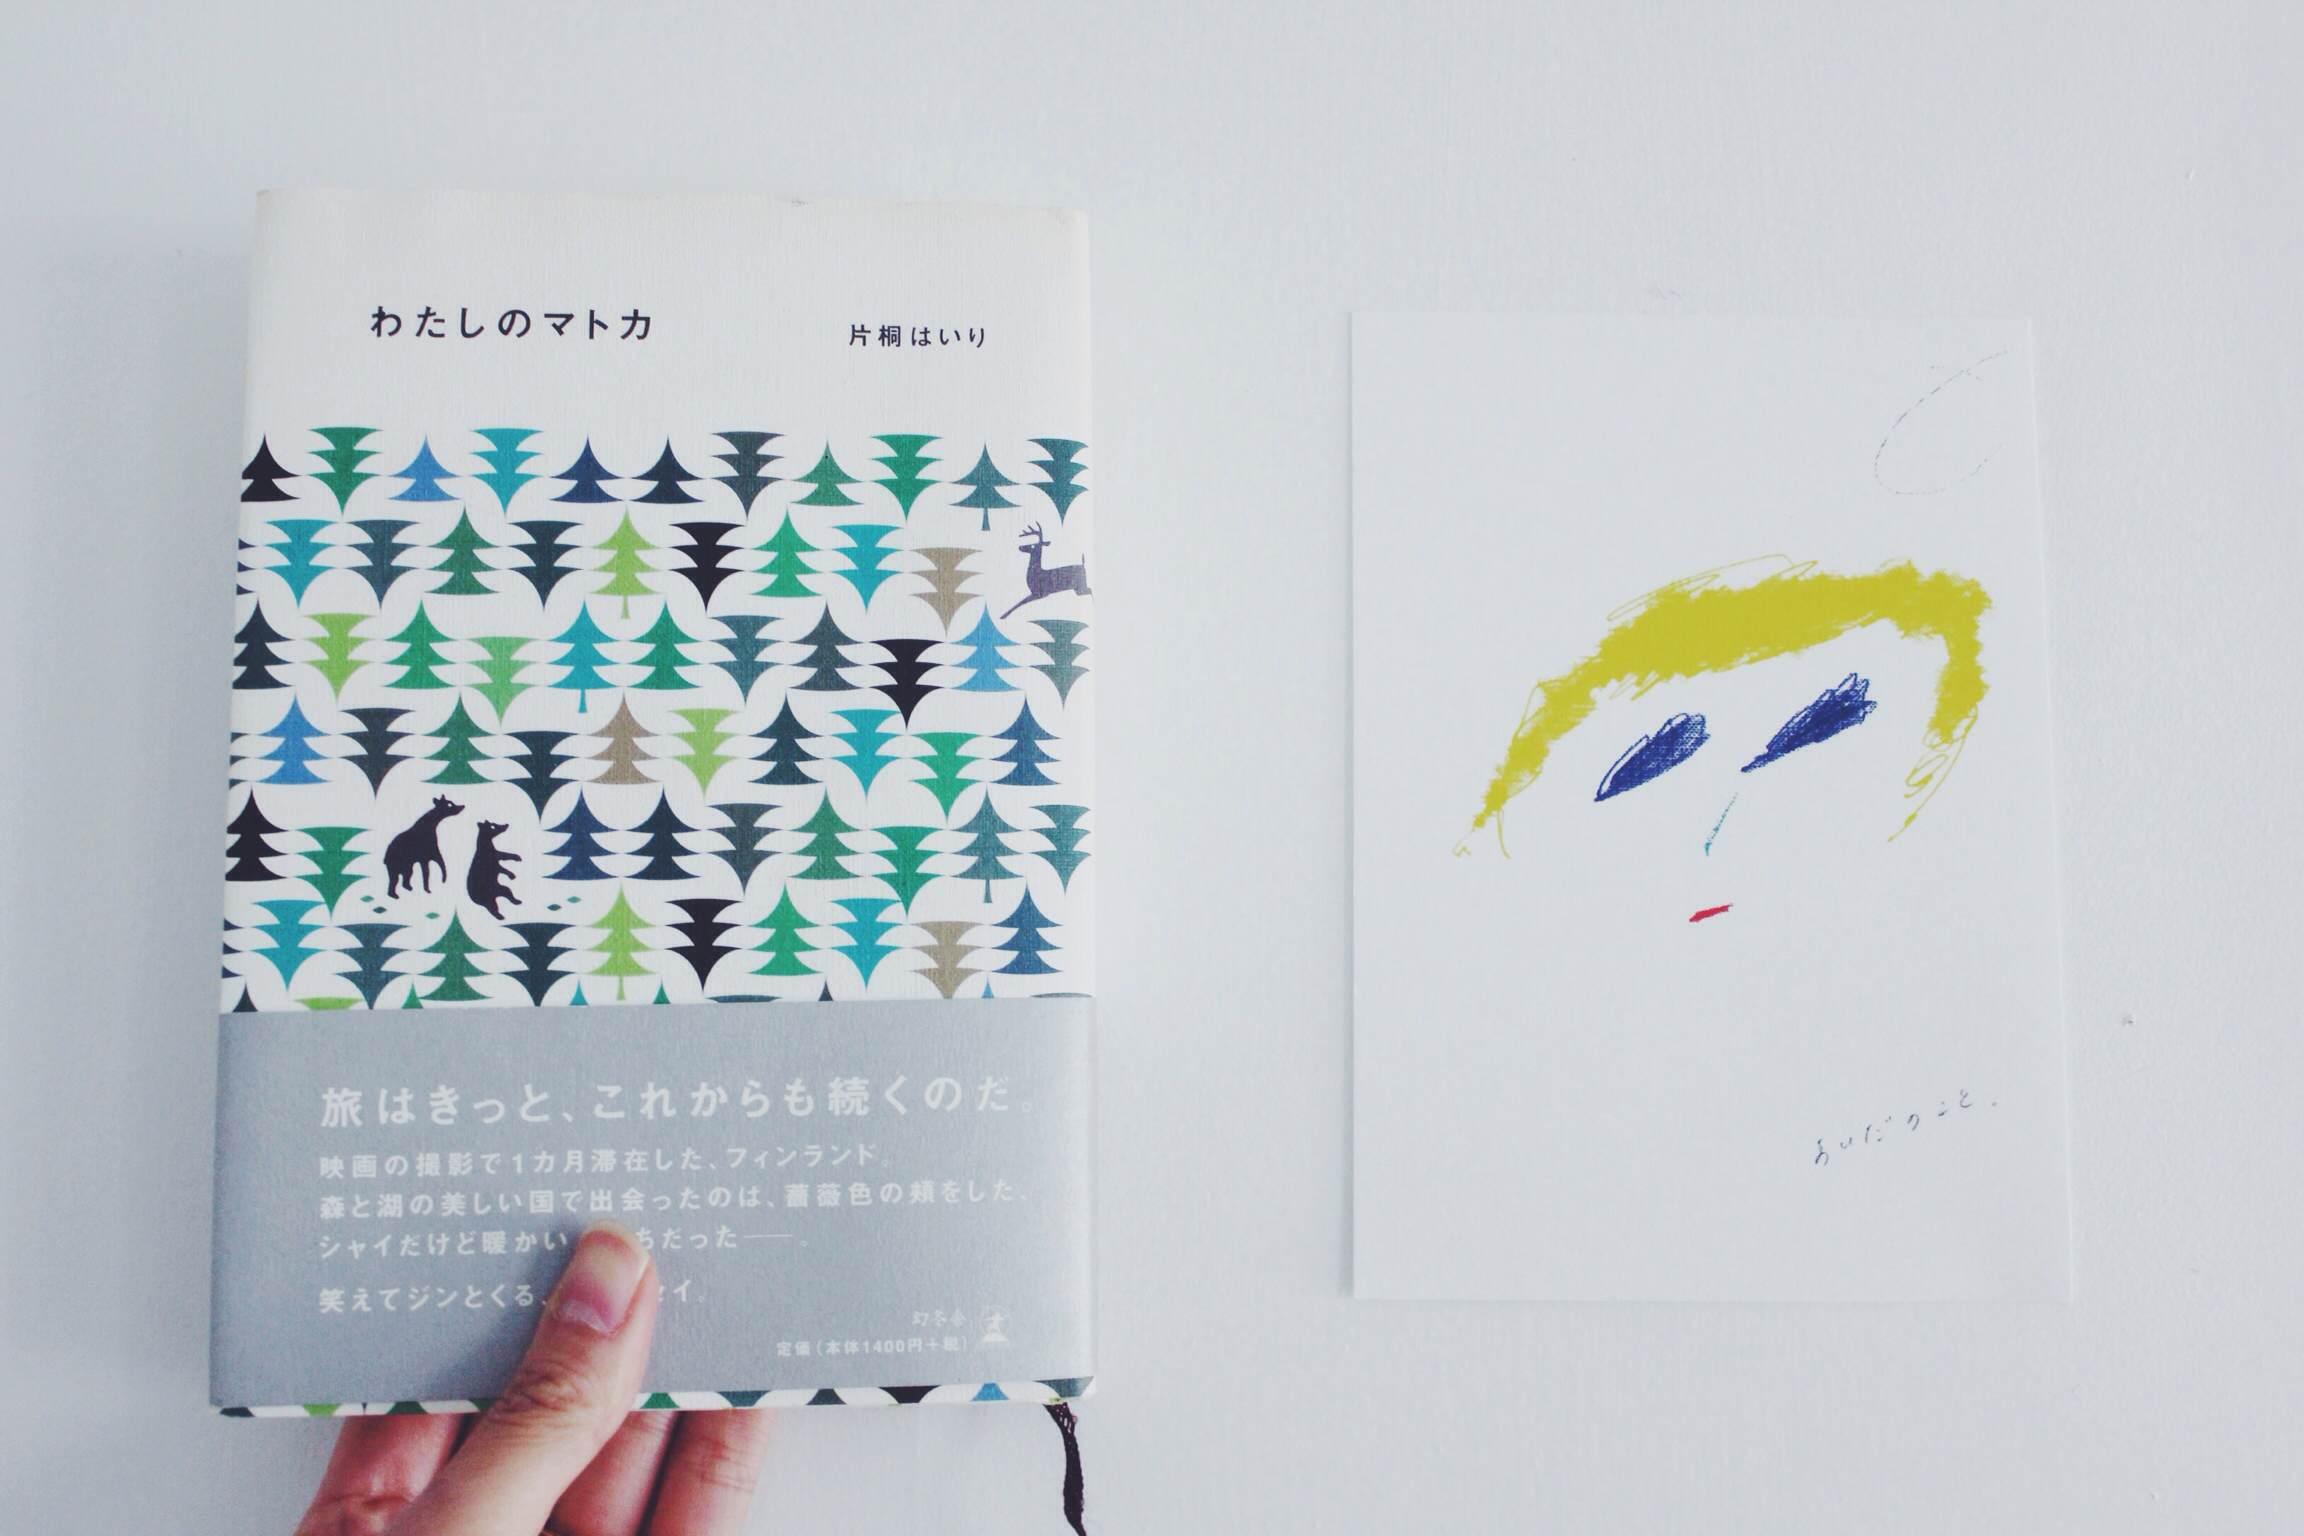 冬に読みたいオススメの本 : 第19回 recommender おおごまり (イラストレーター)